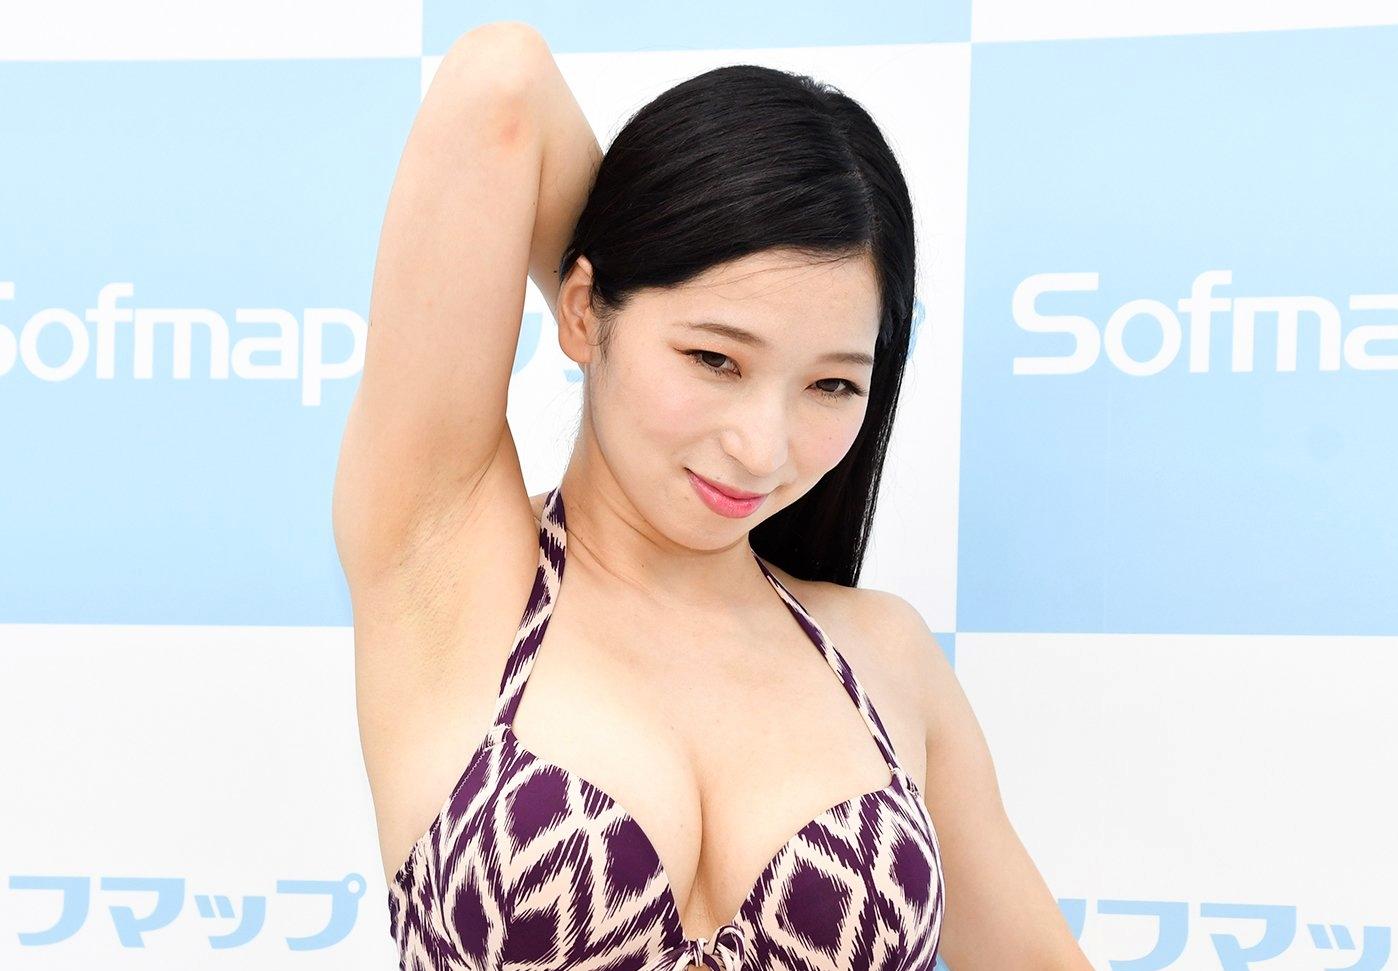 鶴あいかの熟腋 (5)